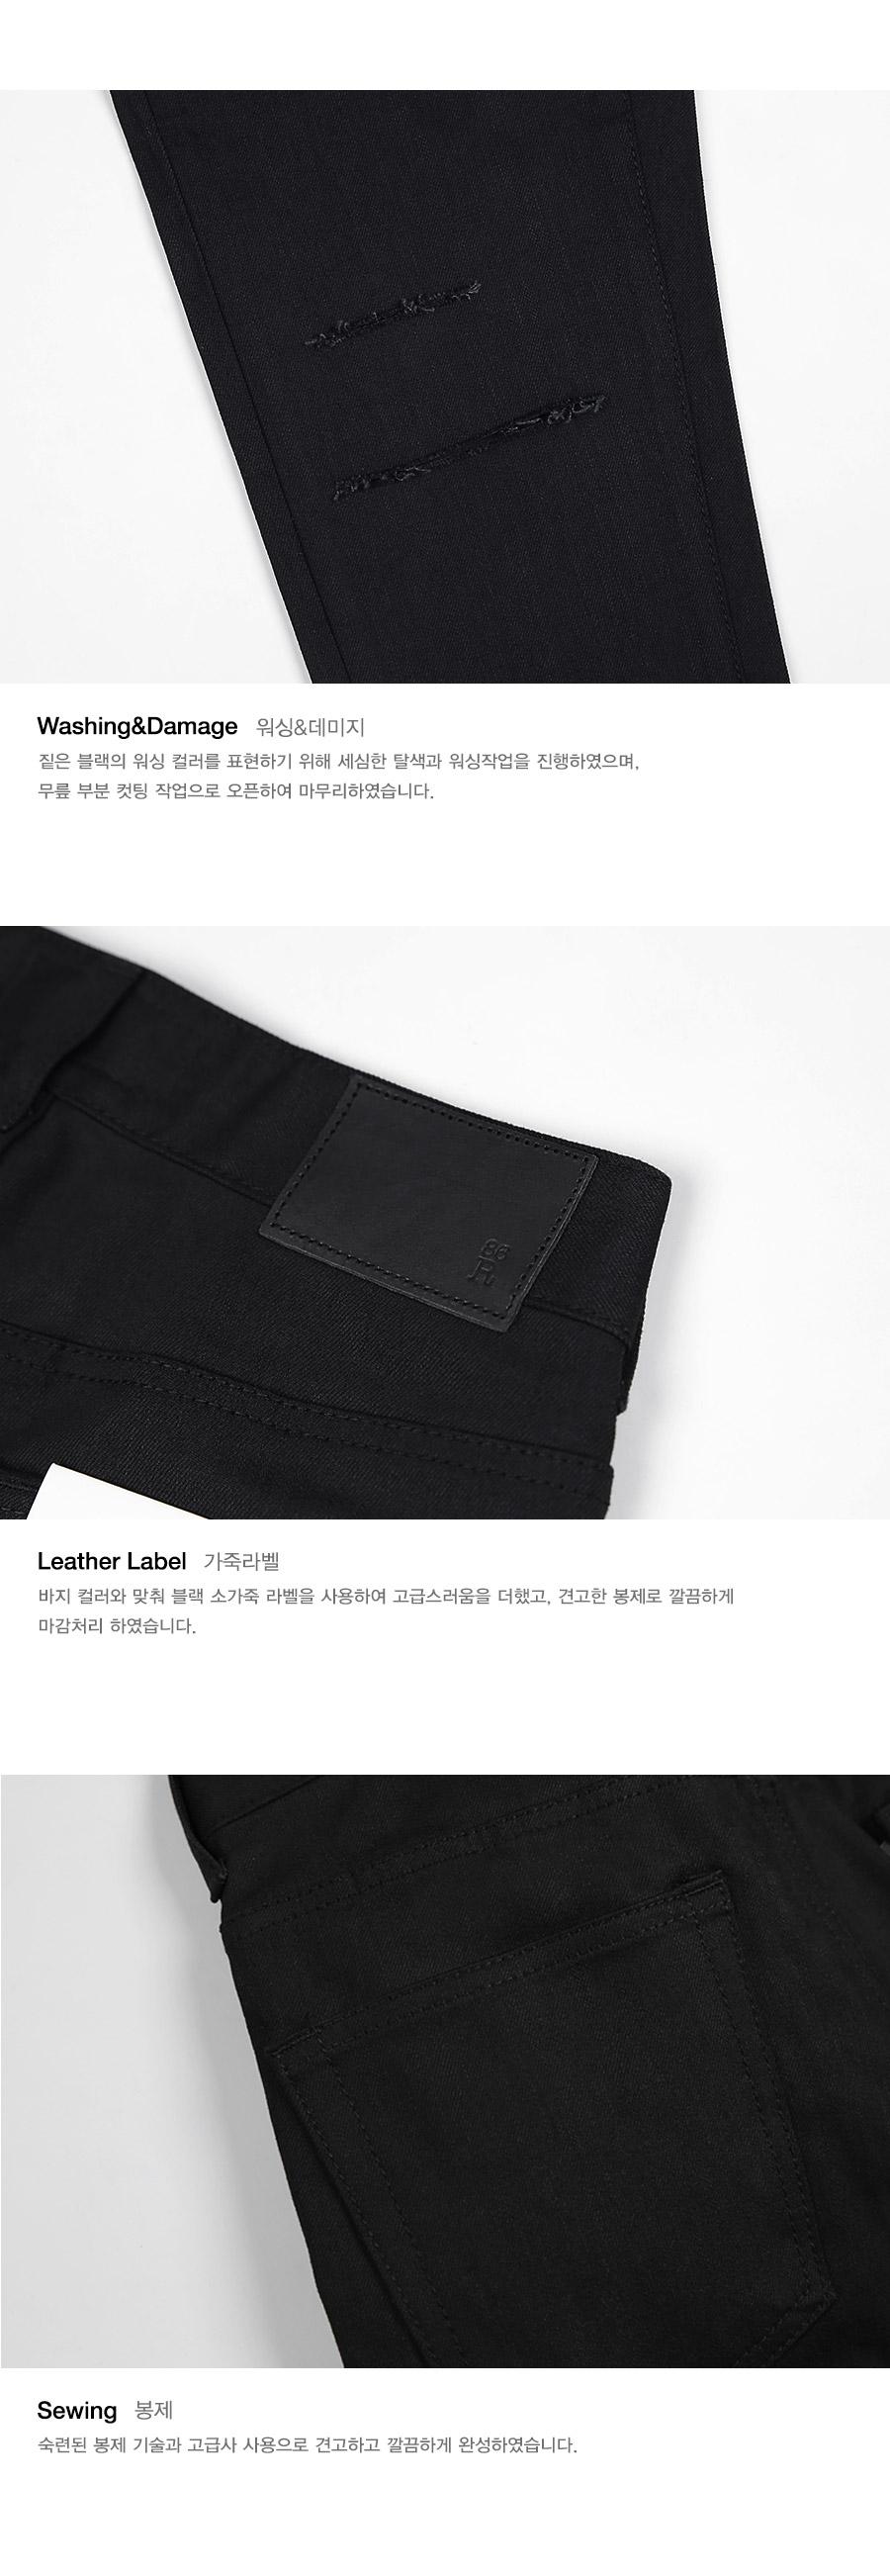 86로드(86ROAD) 1612 black cutting washing jeans / 무릎 컷팅(재입고)